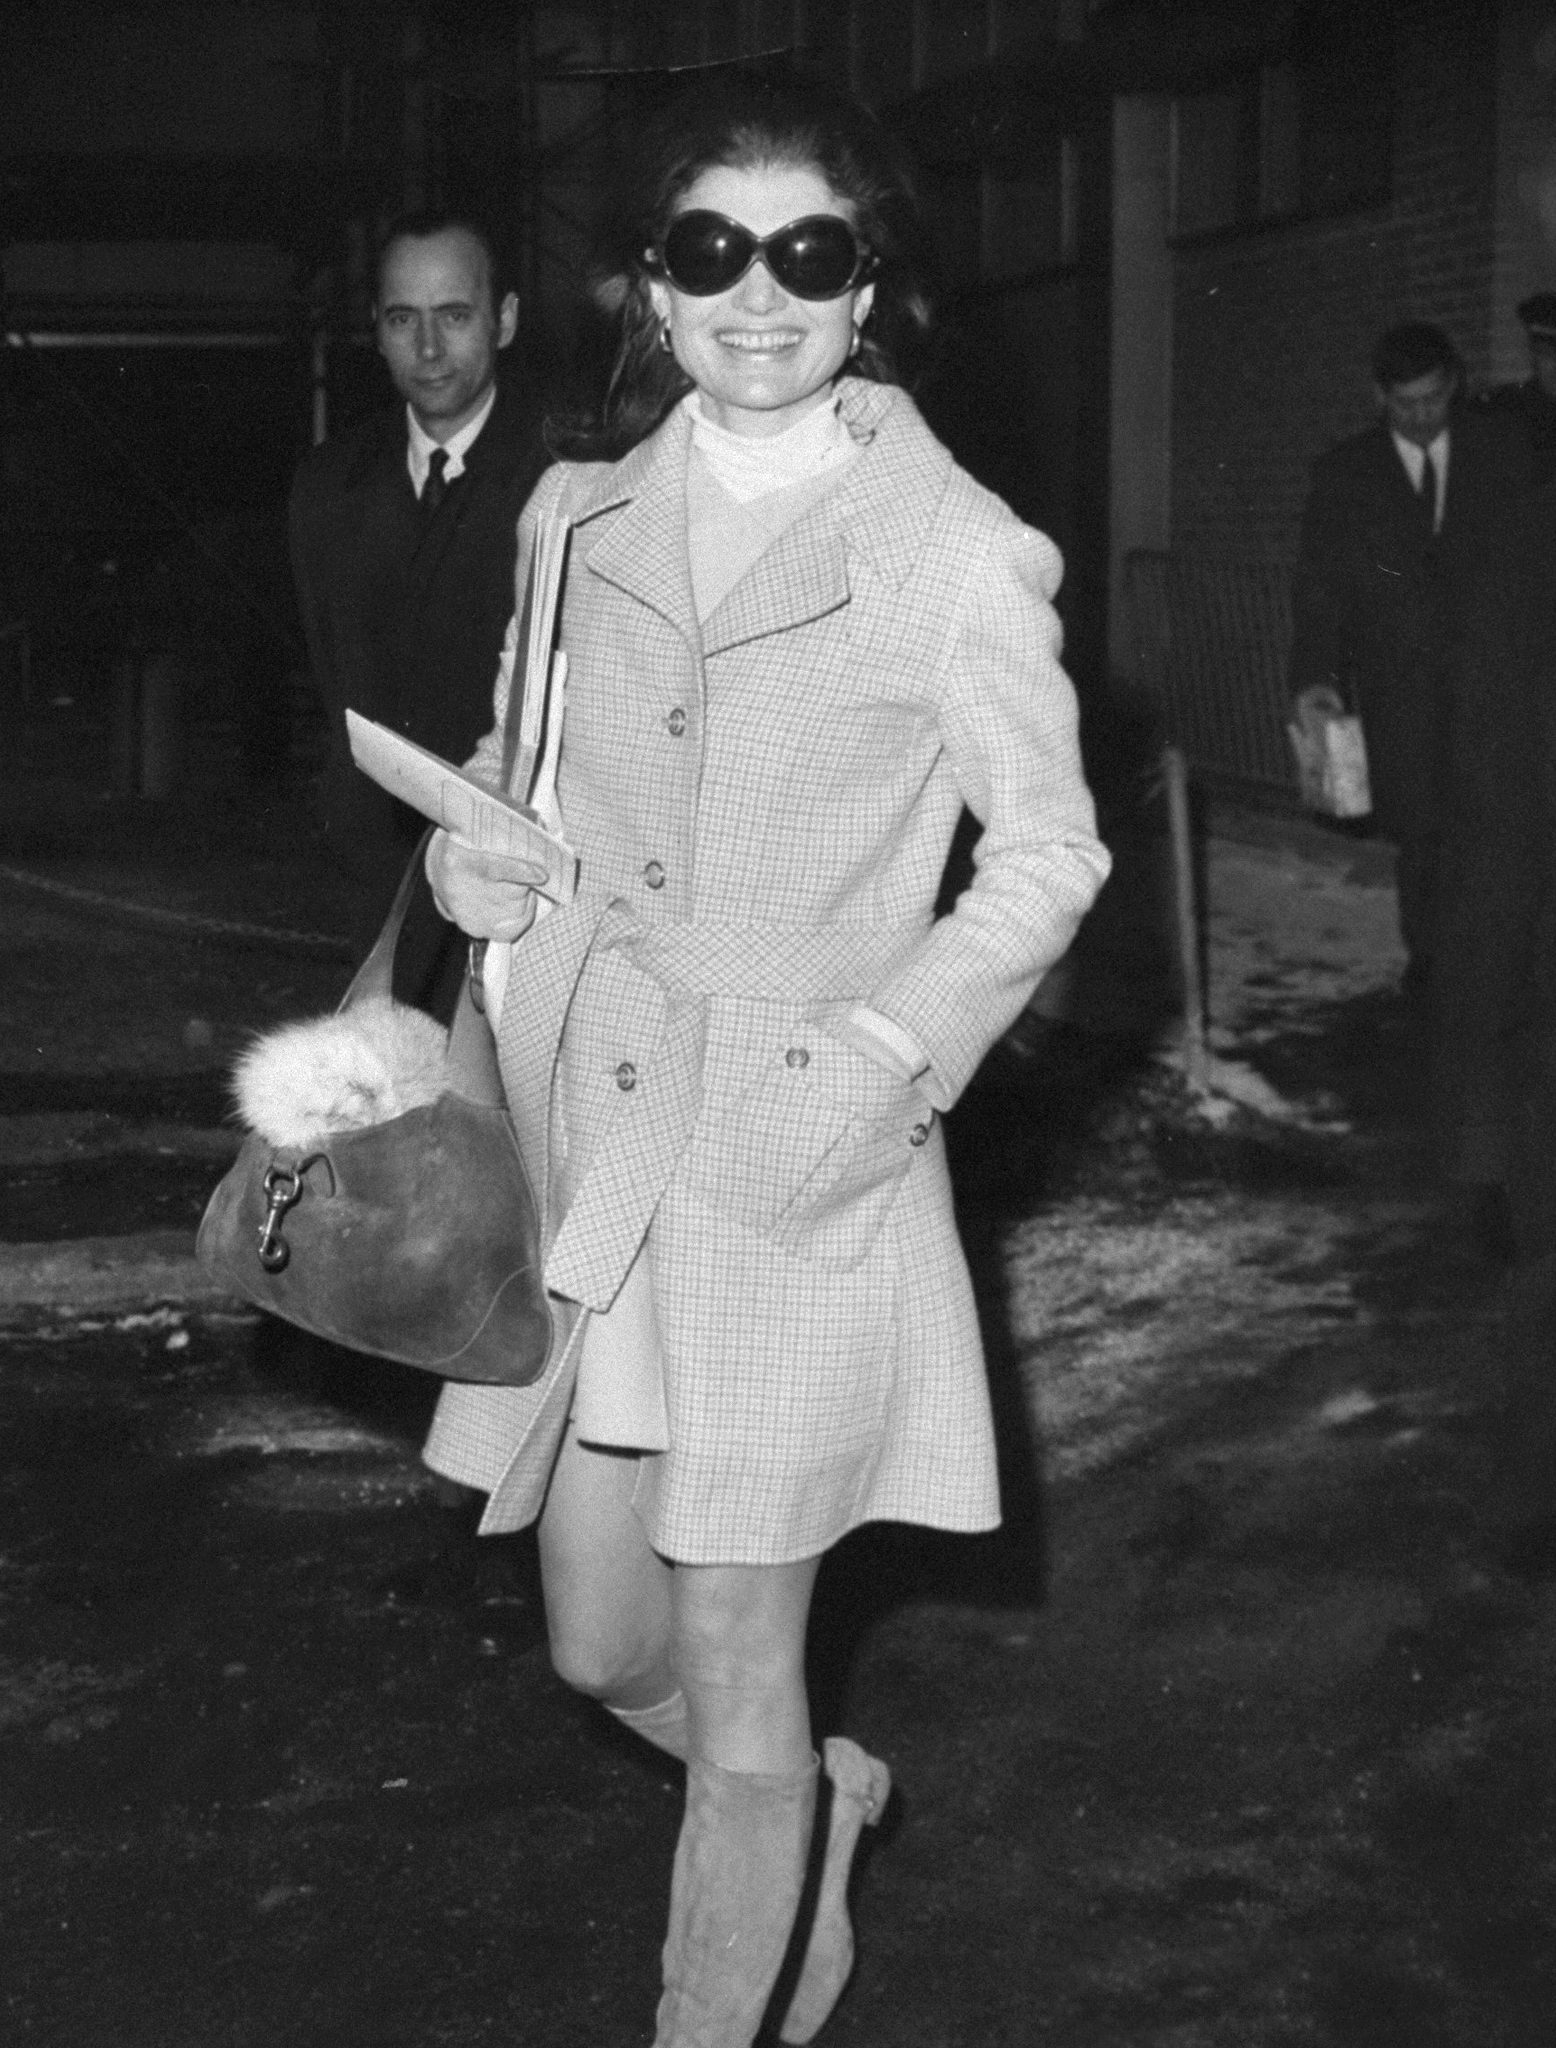 Jacqueline Kennedy Onassis en el aeropuerto JFK en 1970 con uno de sus bolsos de Gucci.